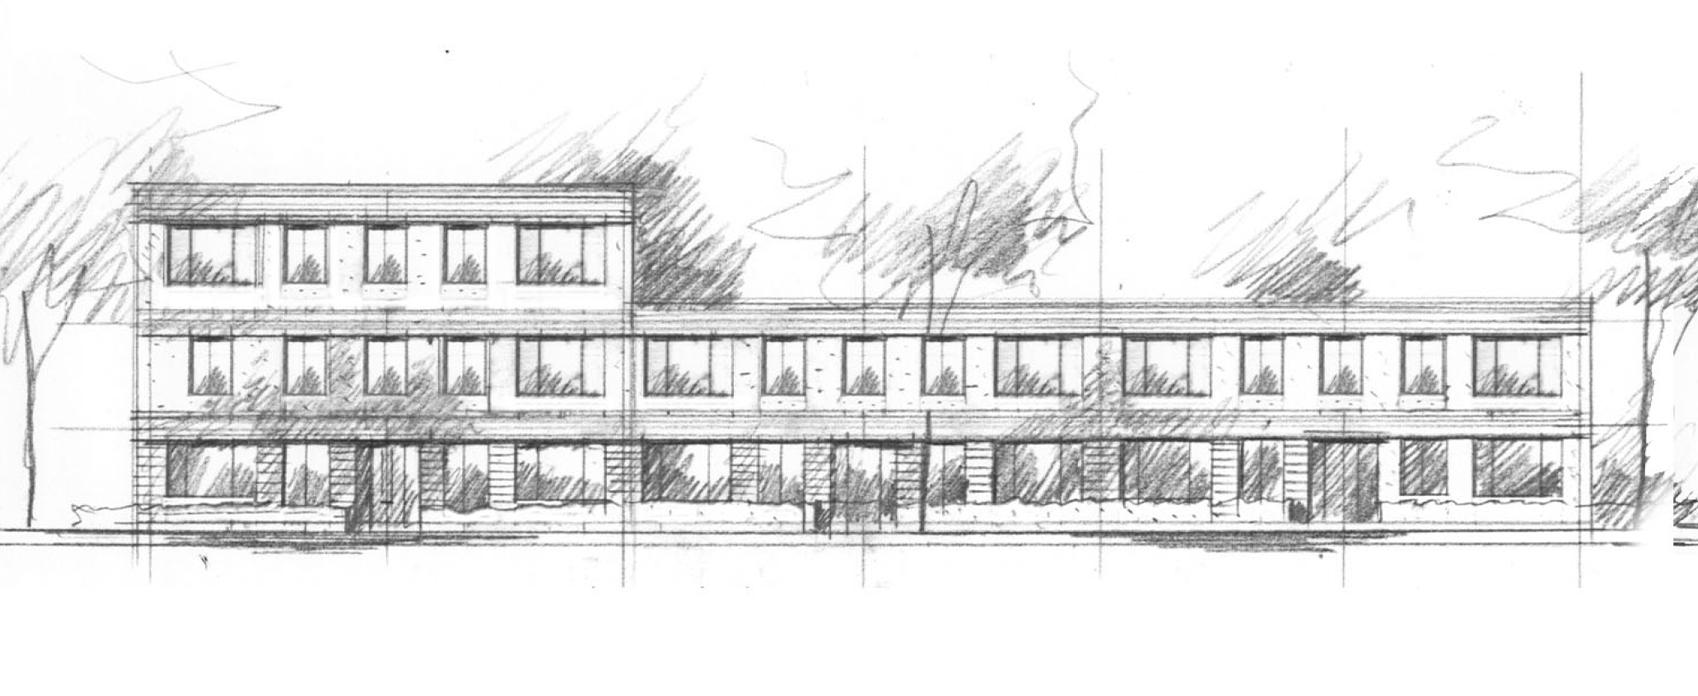 bebo appartementen - De woningen (BEneden – BOven) zijn kleine sociale huur appartementen met een oppervlakte van ca. 50 m2 GBO. Het is nog niet bekend wie deze woningen gaat verhuren.